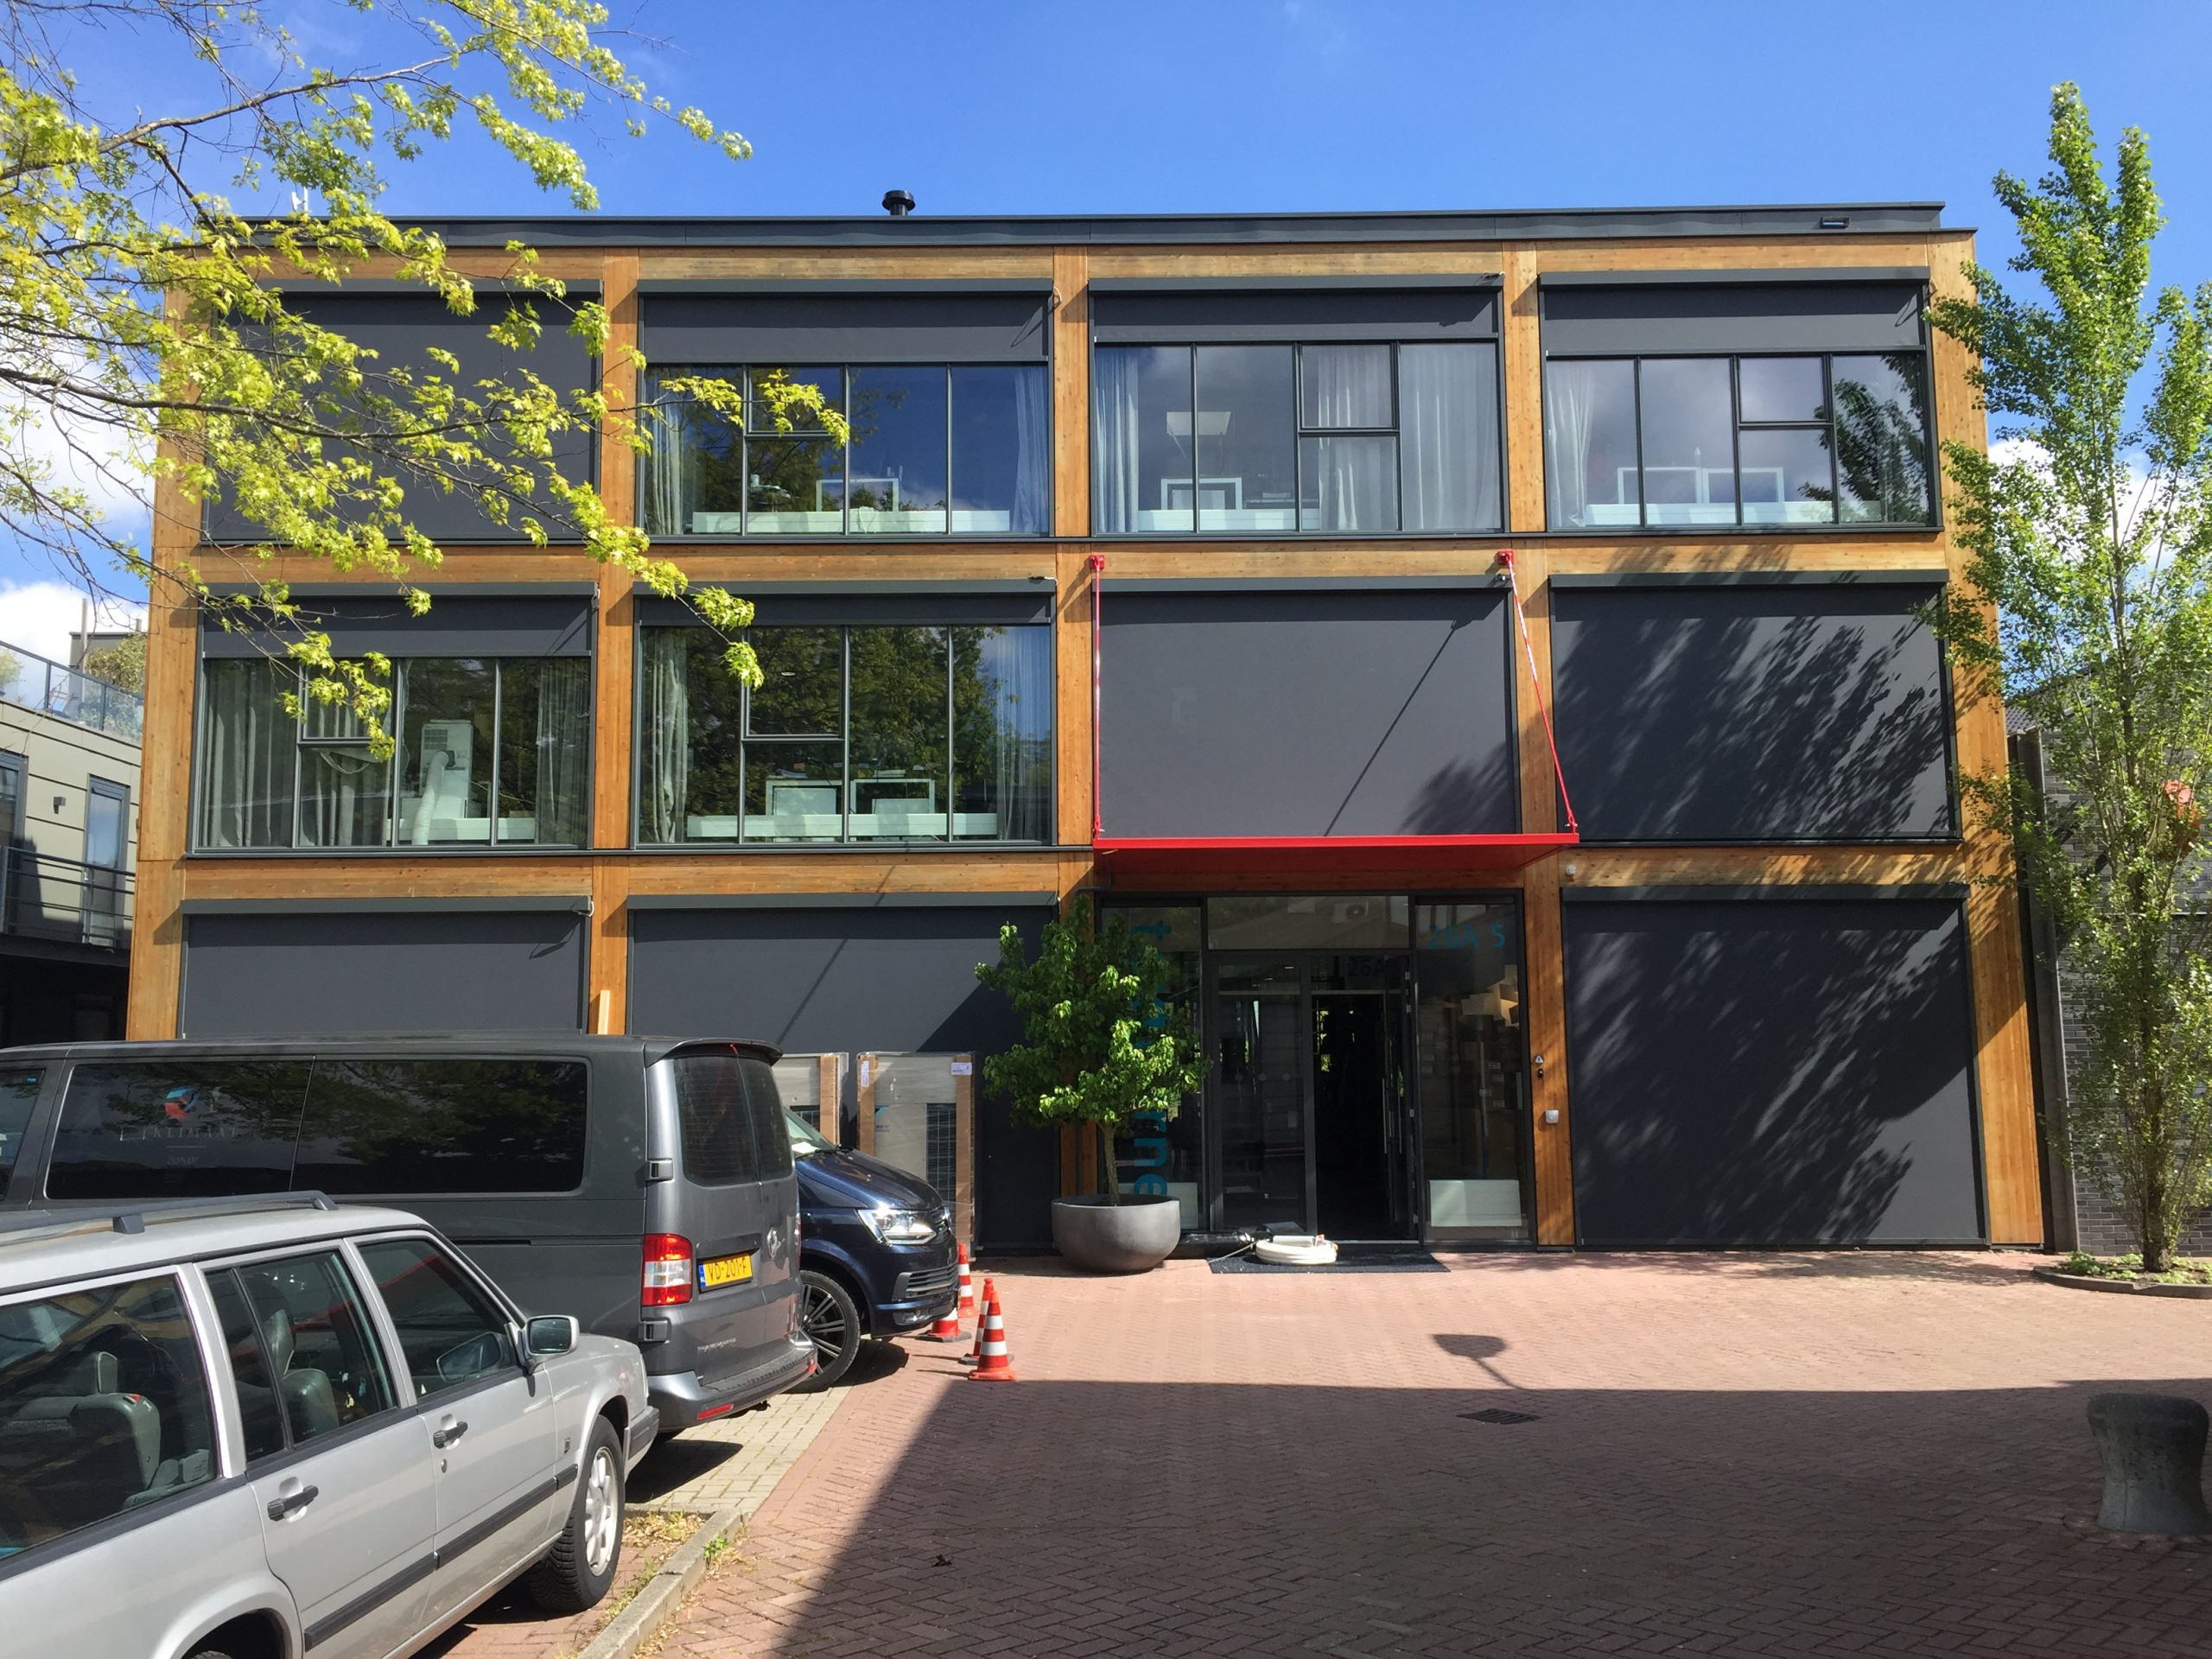 Spruijt Klimaat - Daikin multi split systeem Amsterdam ICT bedrijf Textkernel Spruijt Klimaat